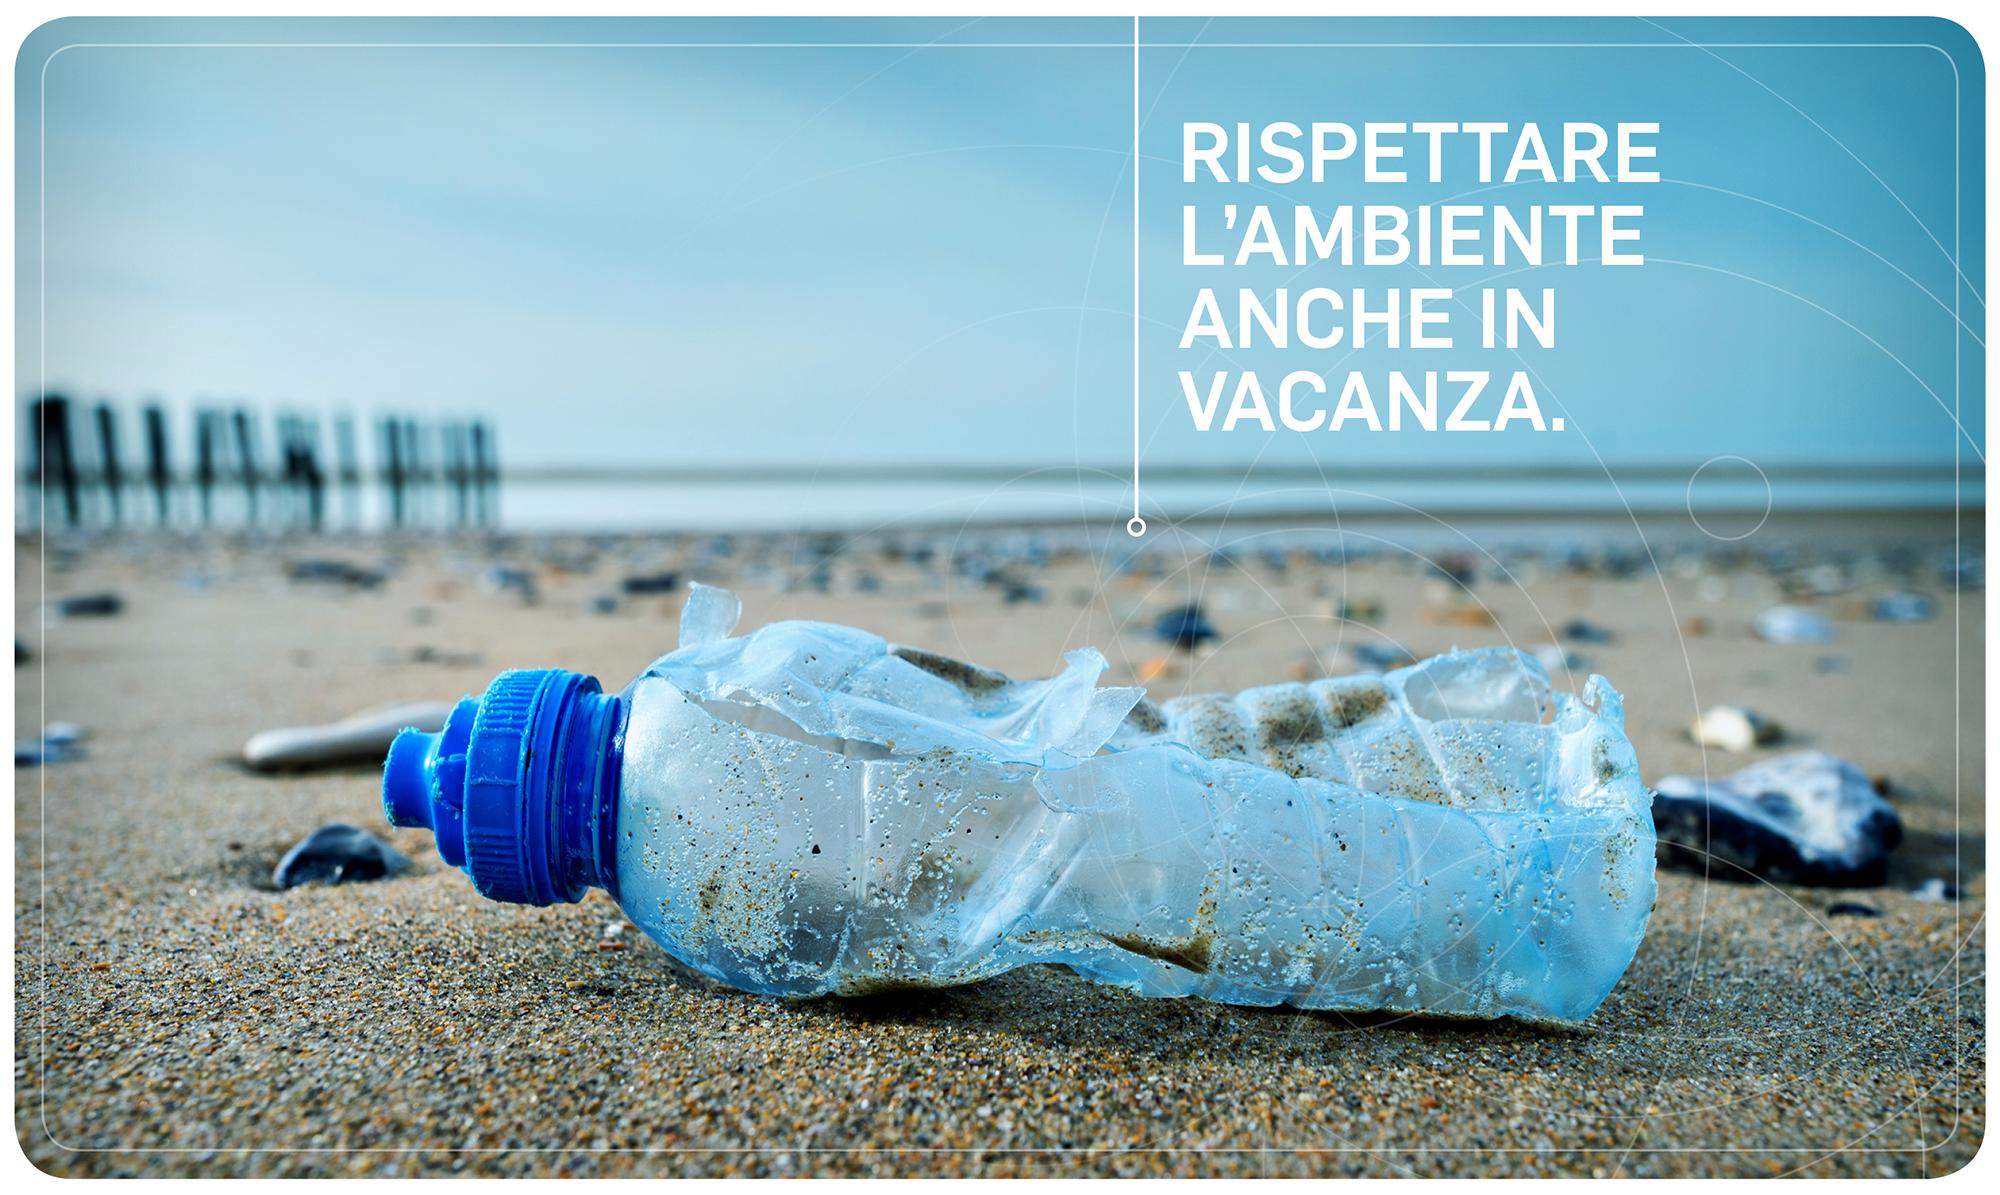 rispettare l'ambiente in vacanza